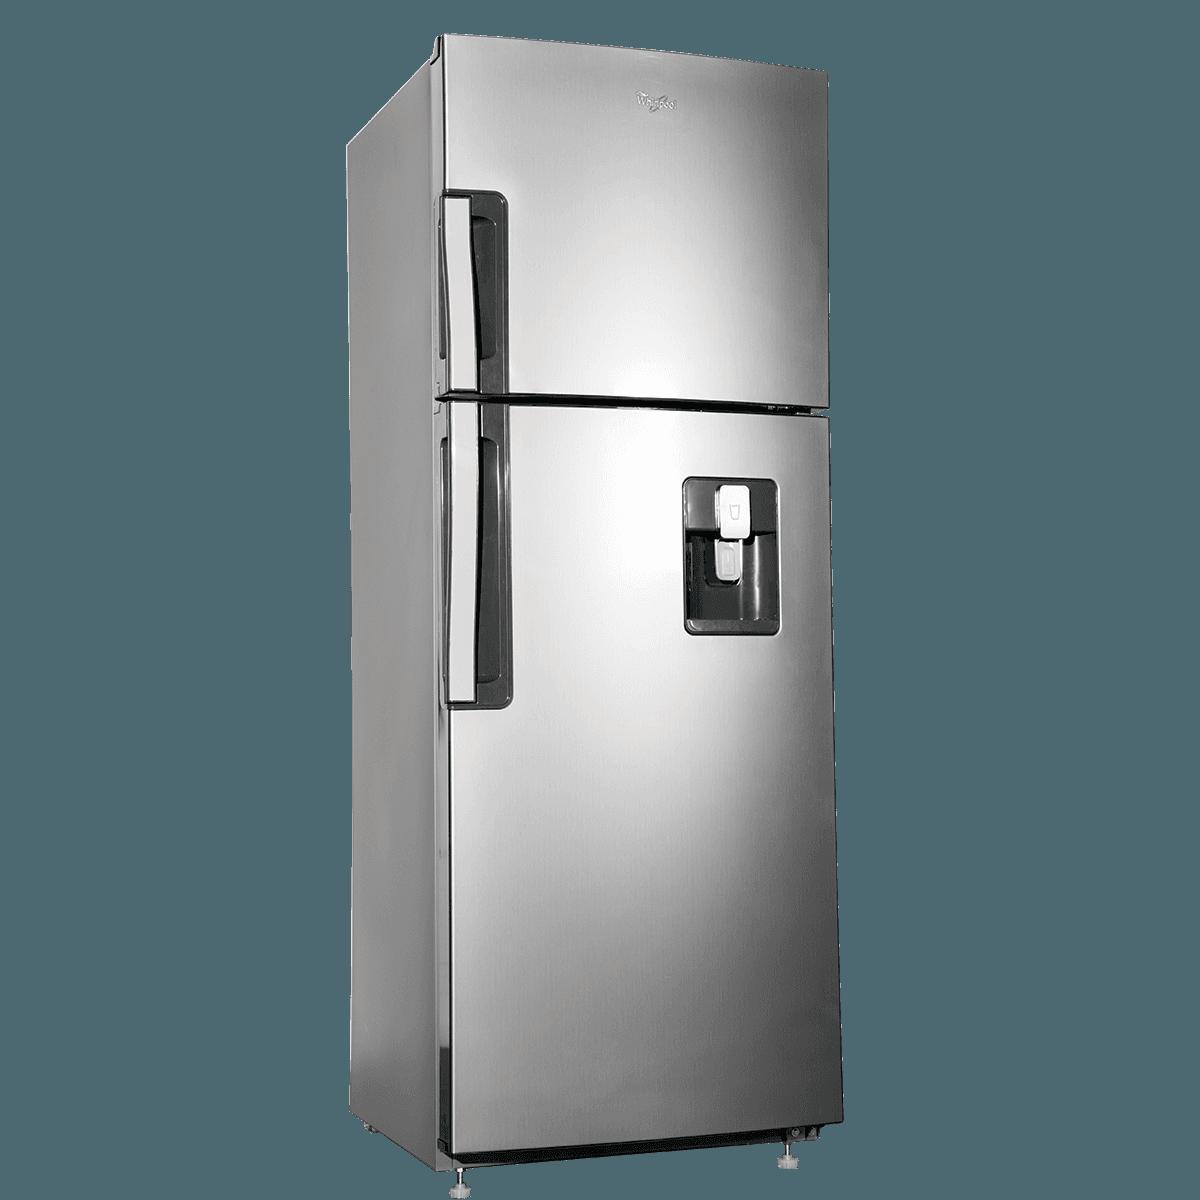 Mi refrigerador no enfria related keywords mi for Nevera no enfria